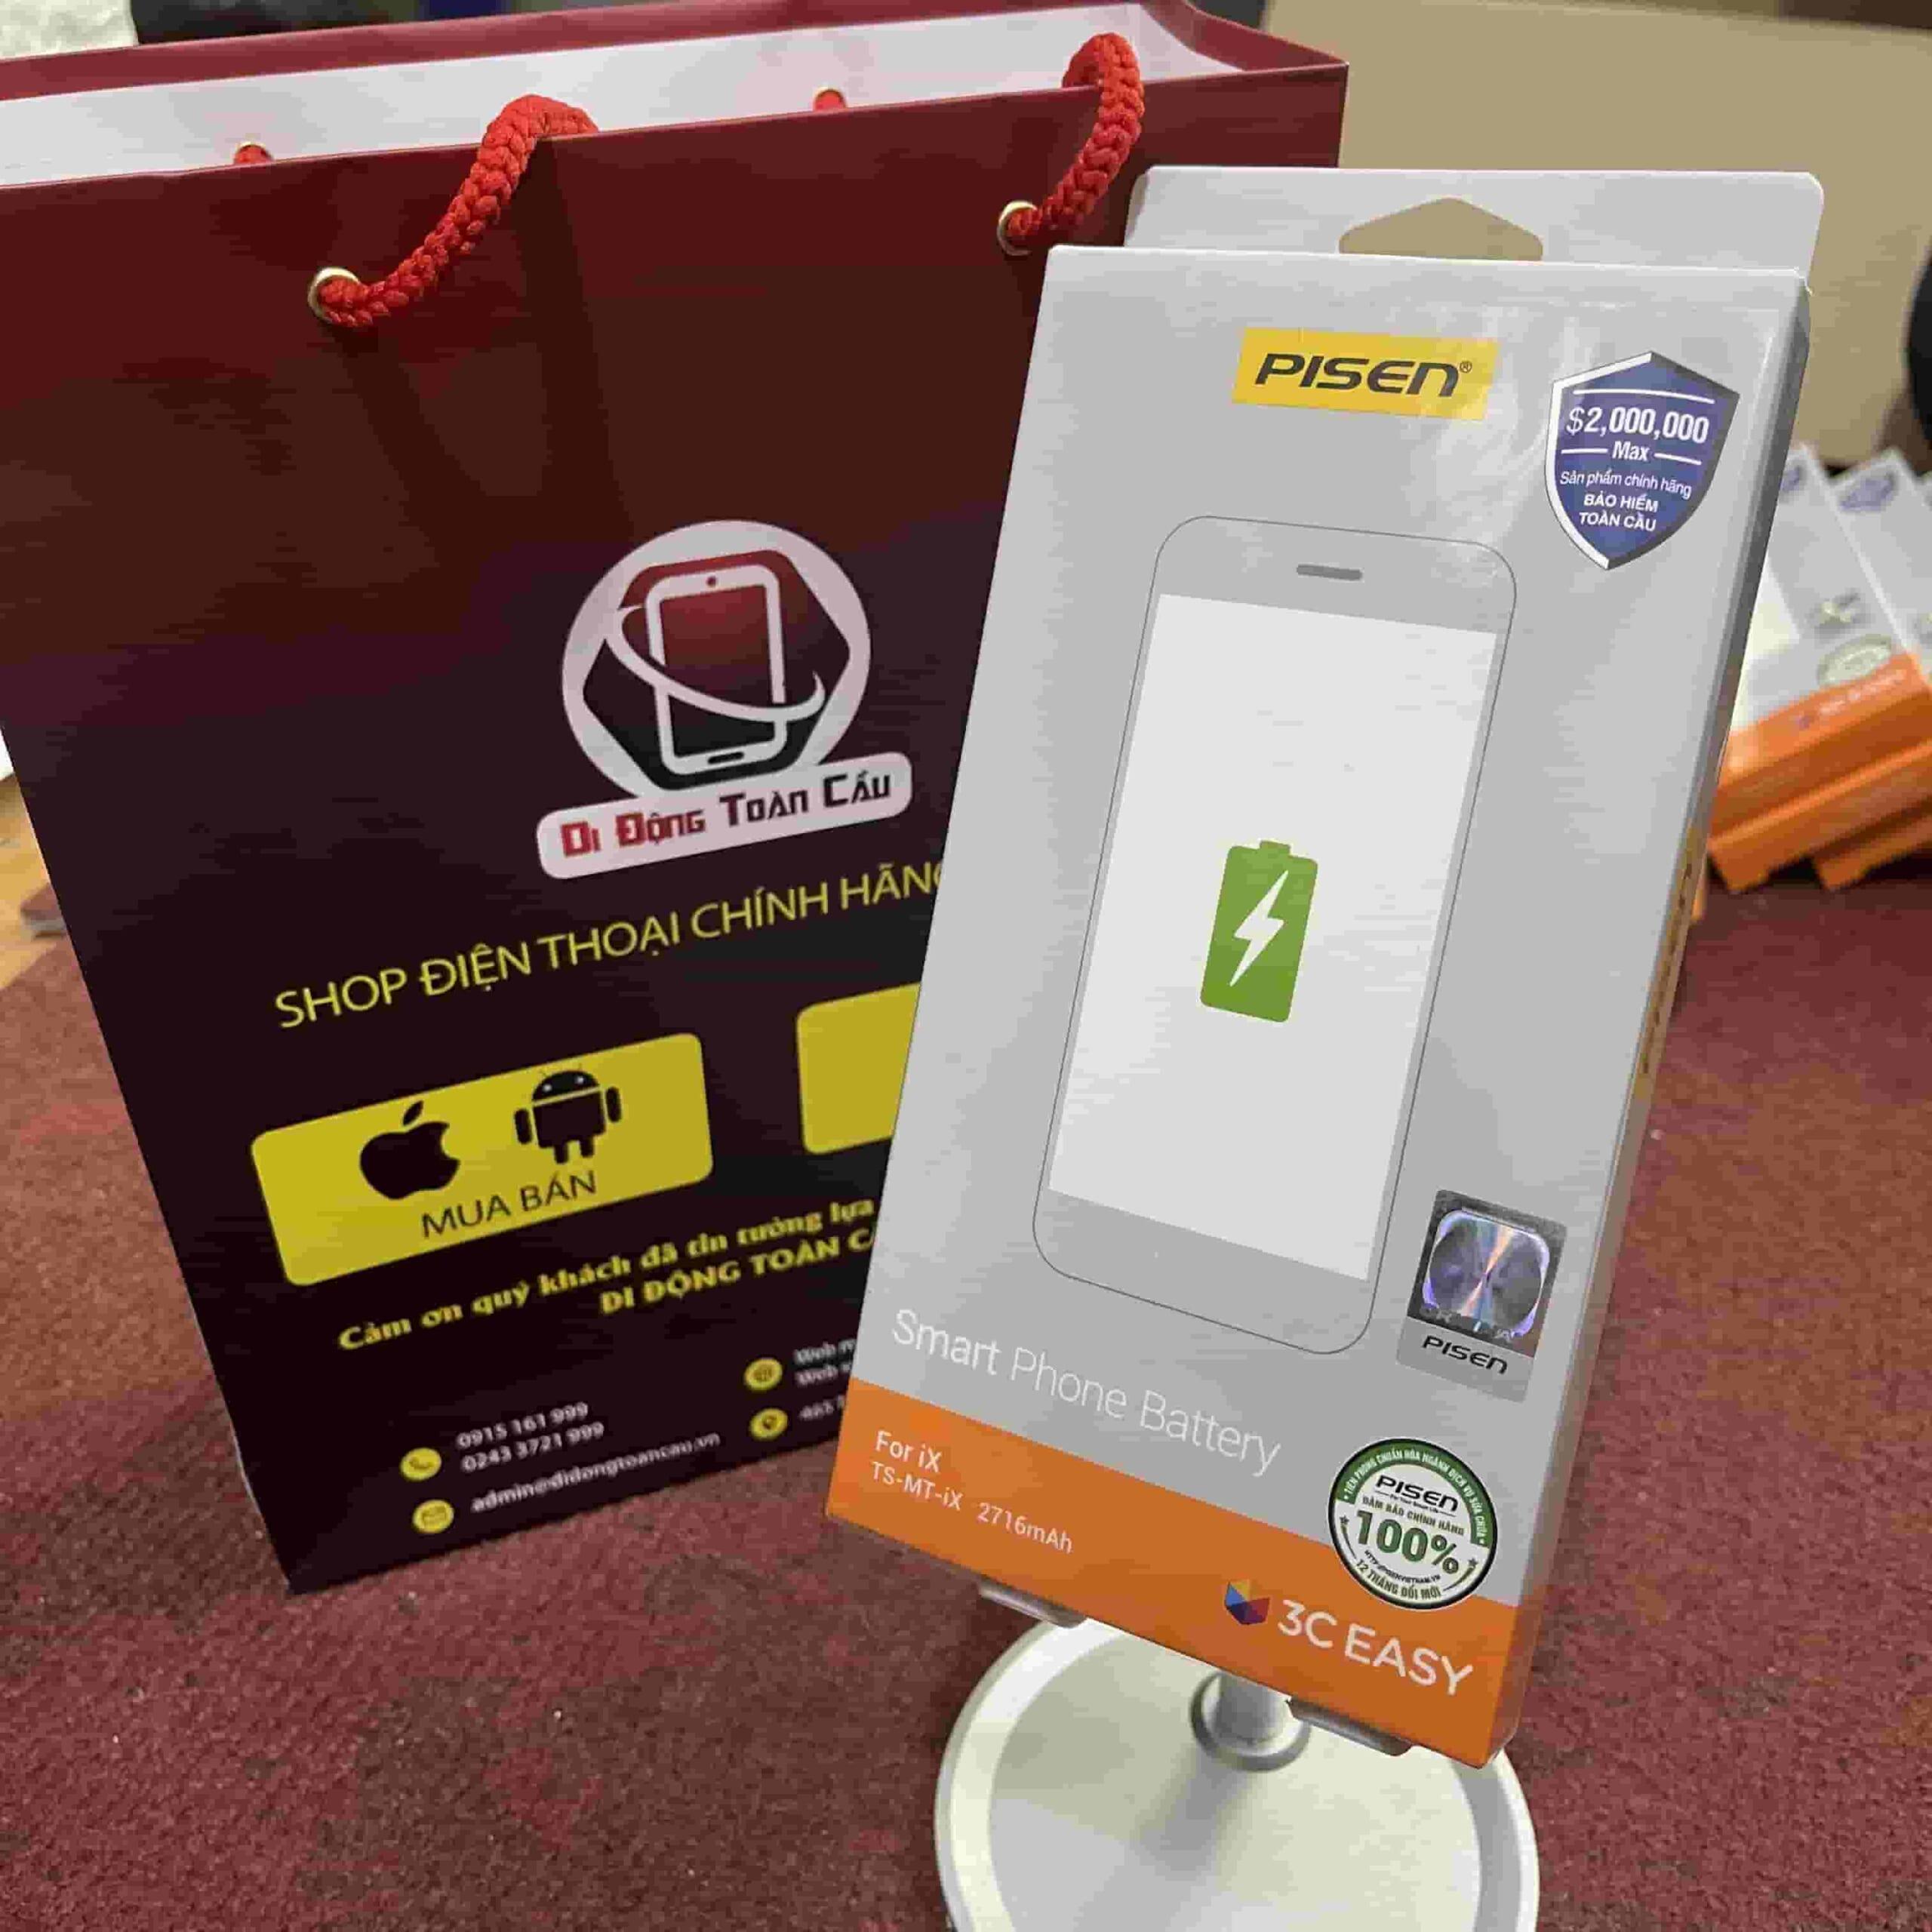 Thay pin Pisen iPhone X dung lượng chuẩn